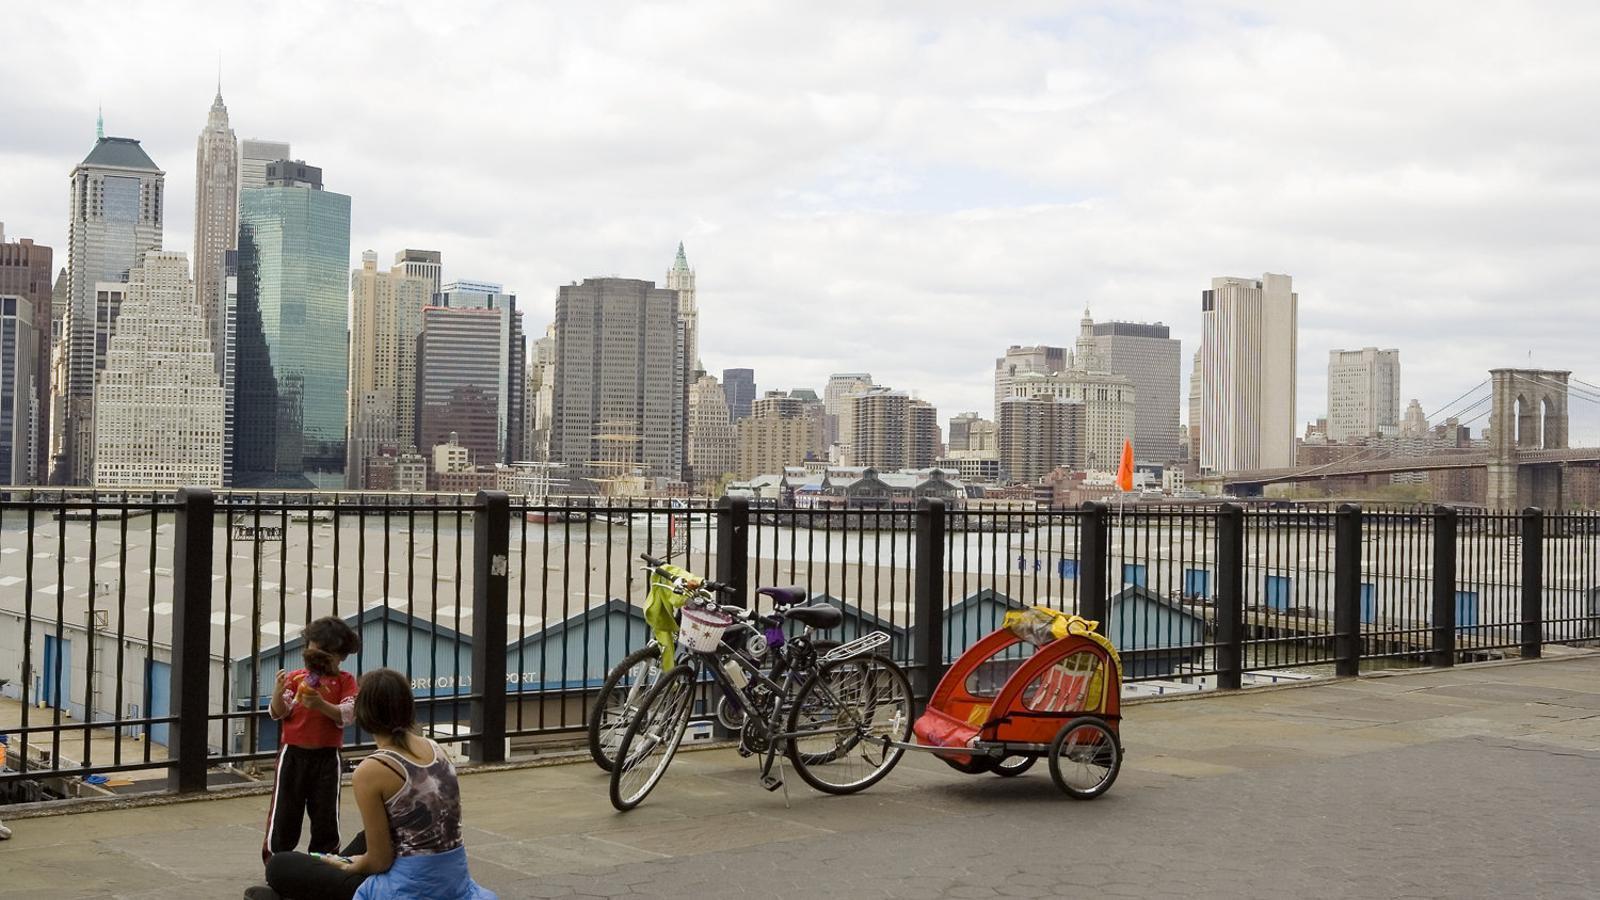 Mare i filla a Nova York amb Manhattan  de fons. La maternitat  no és fàcil  als EUA.